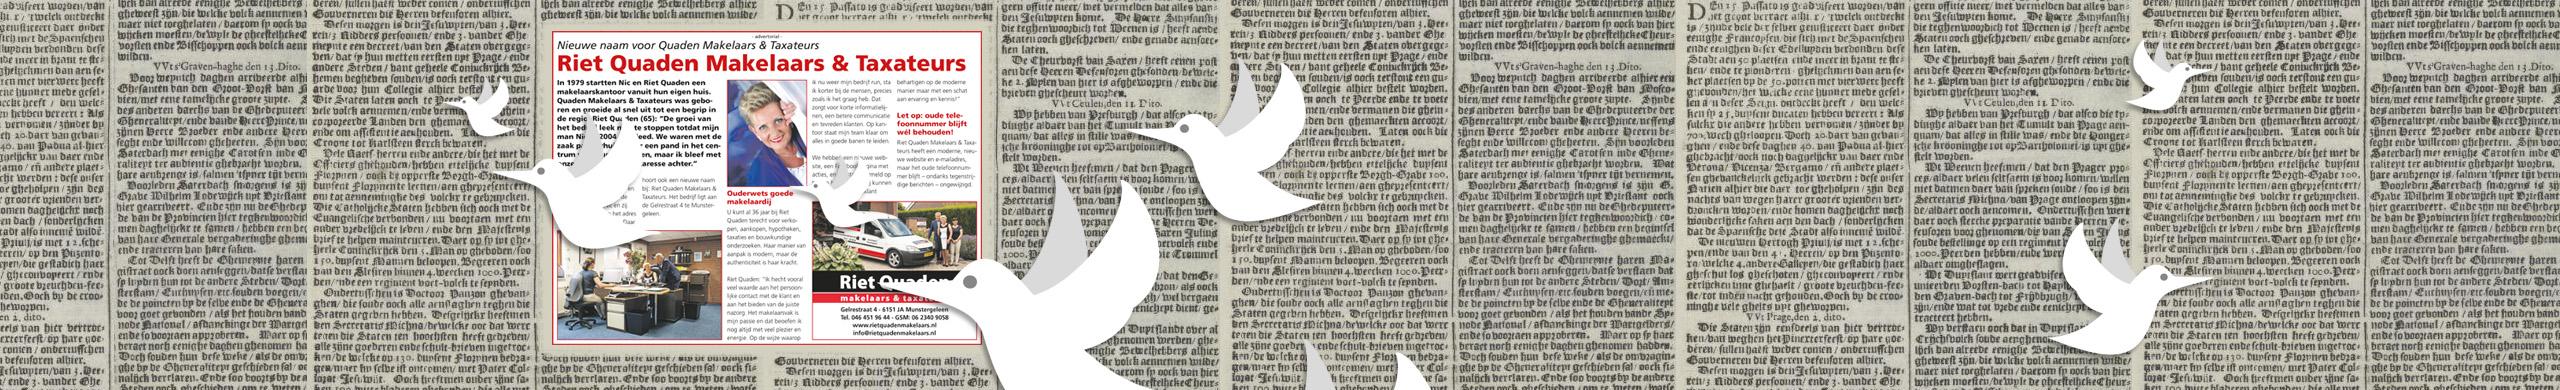 krantenartikel schrijven